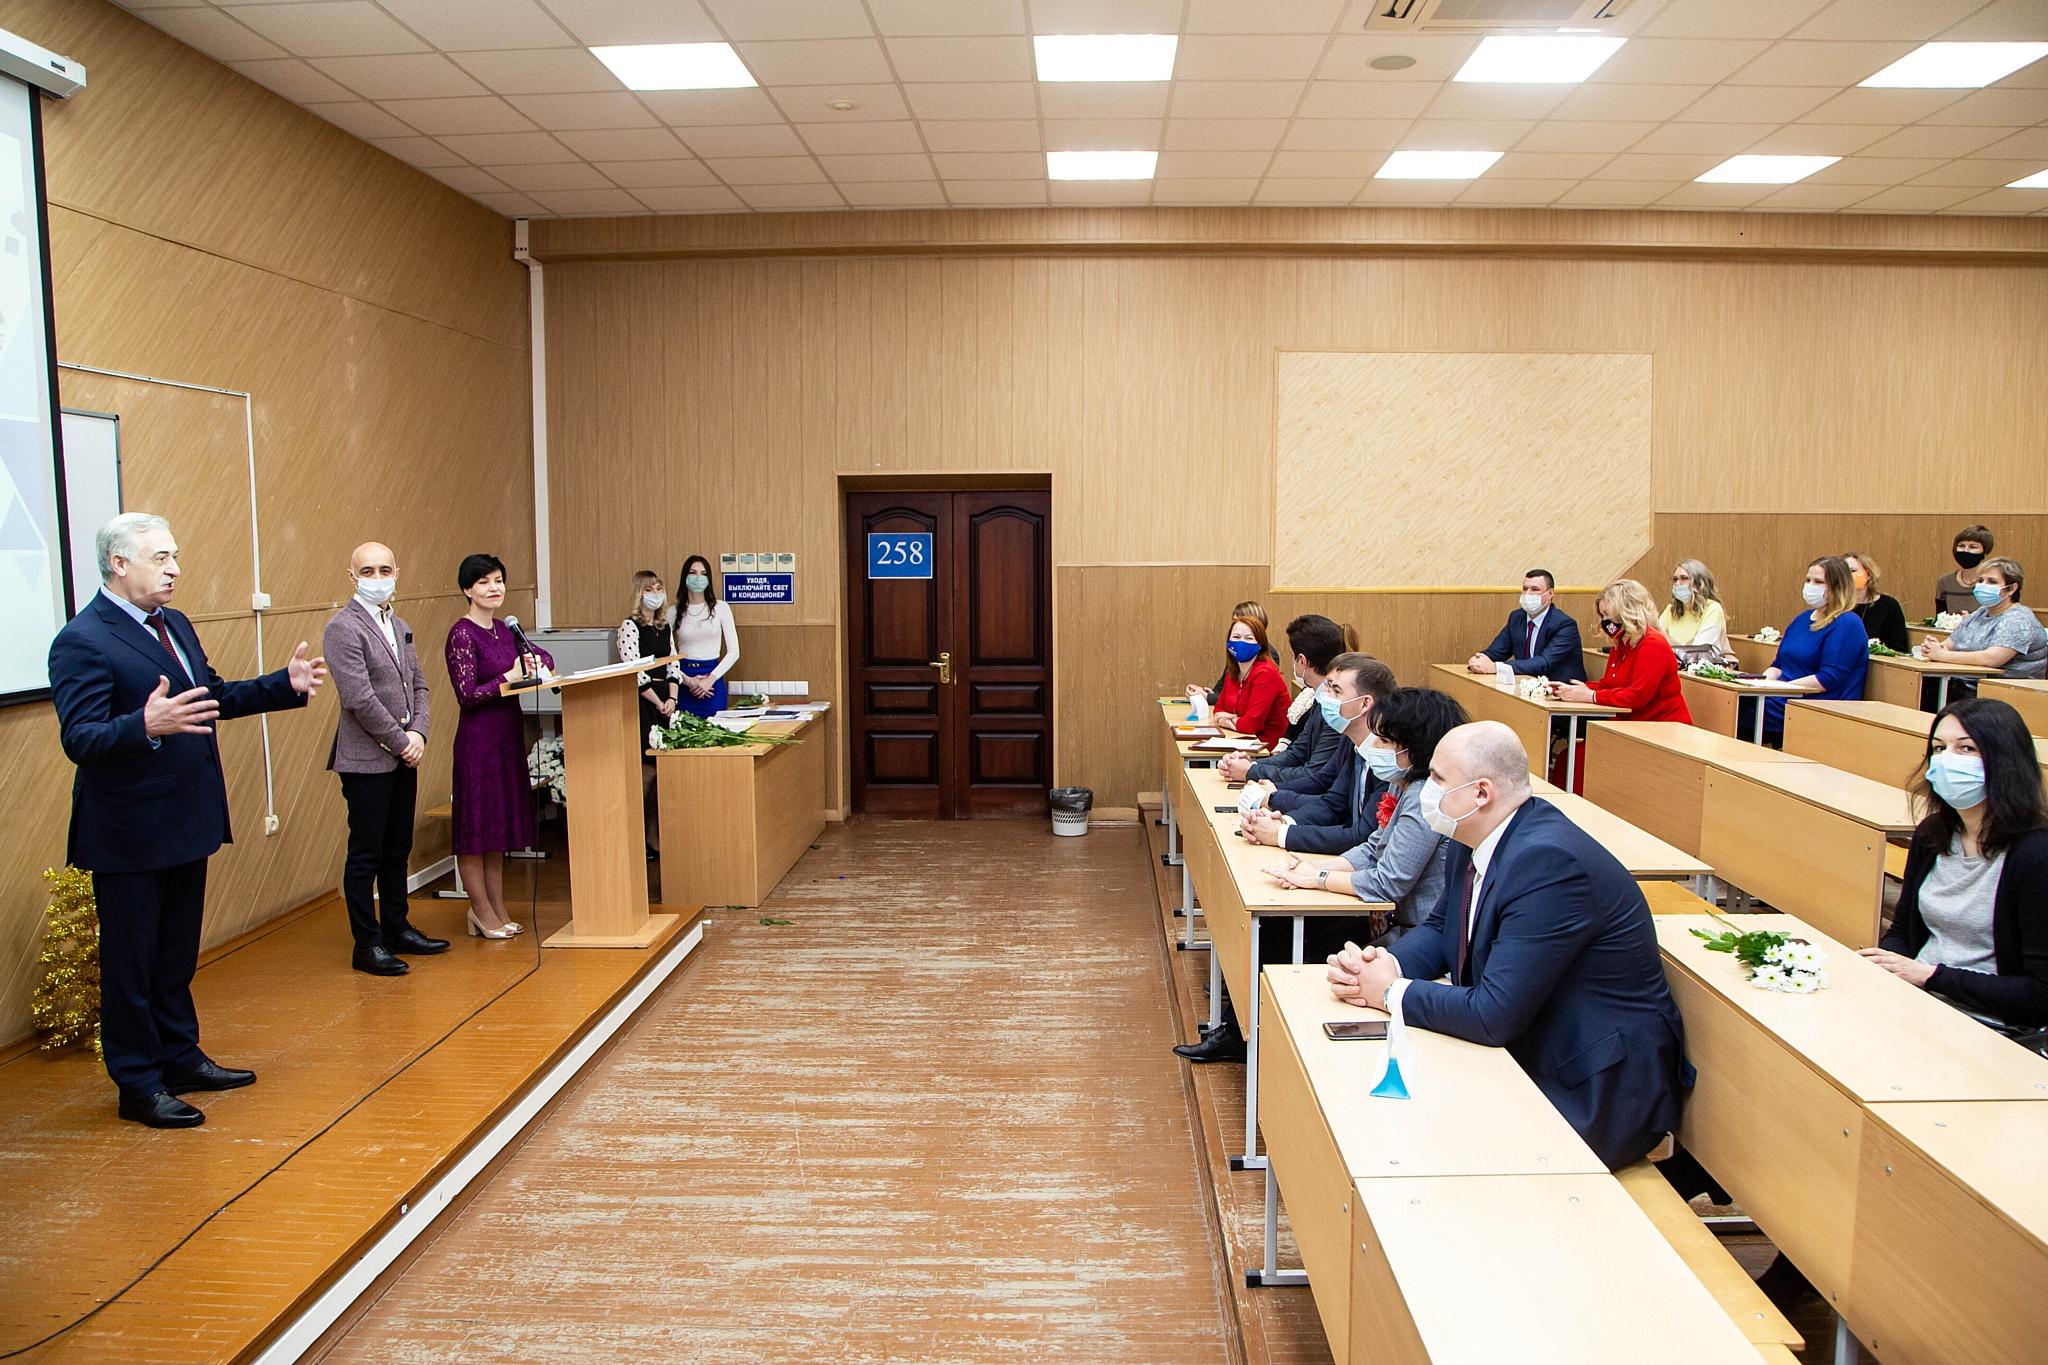 Более половины выпускников магистратуры УрГЭУ — краснодипломники